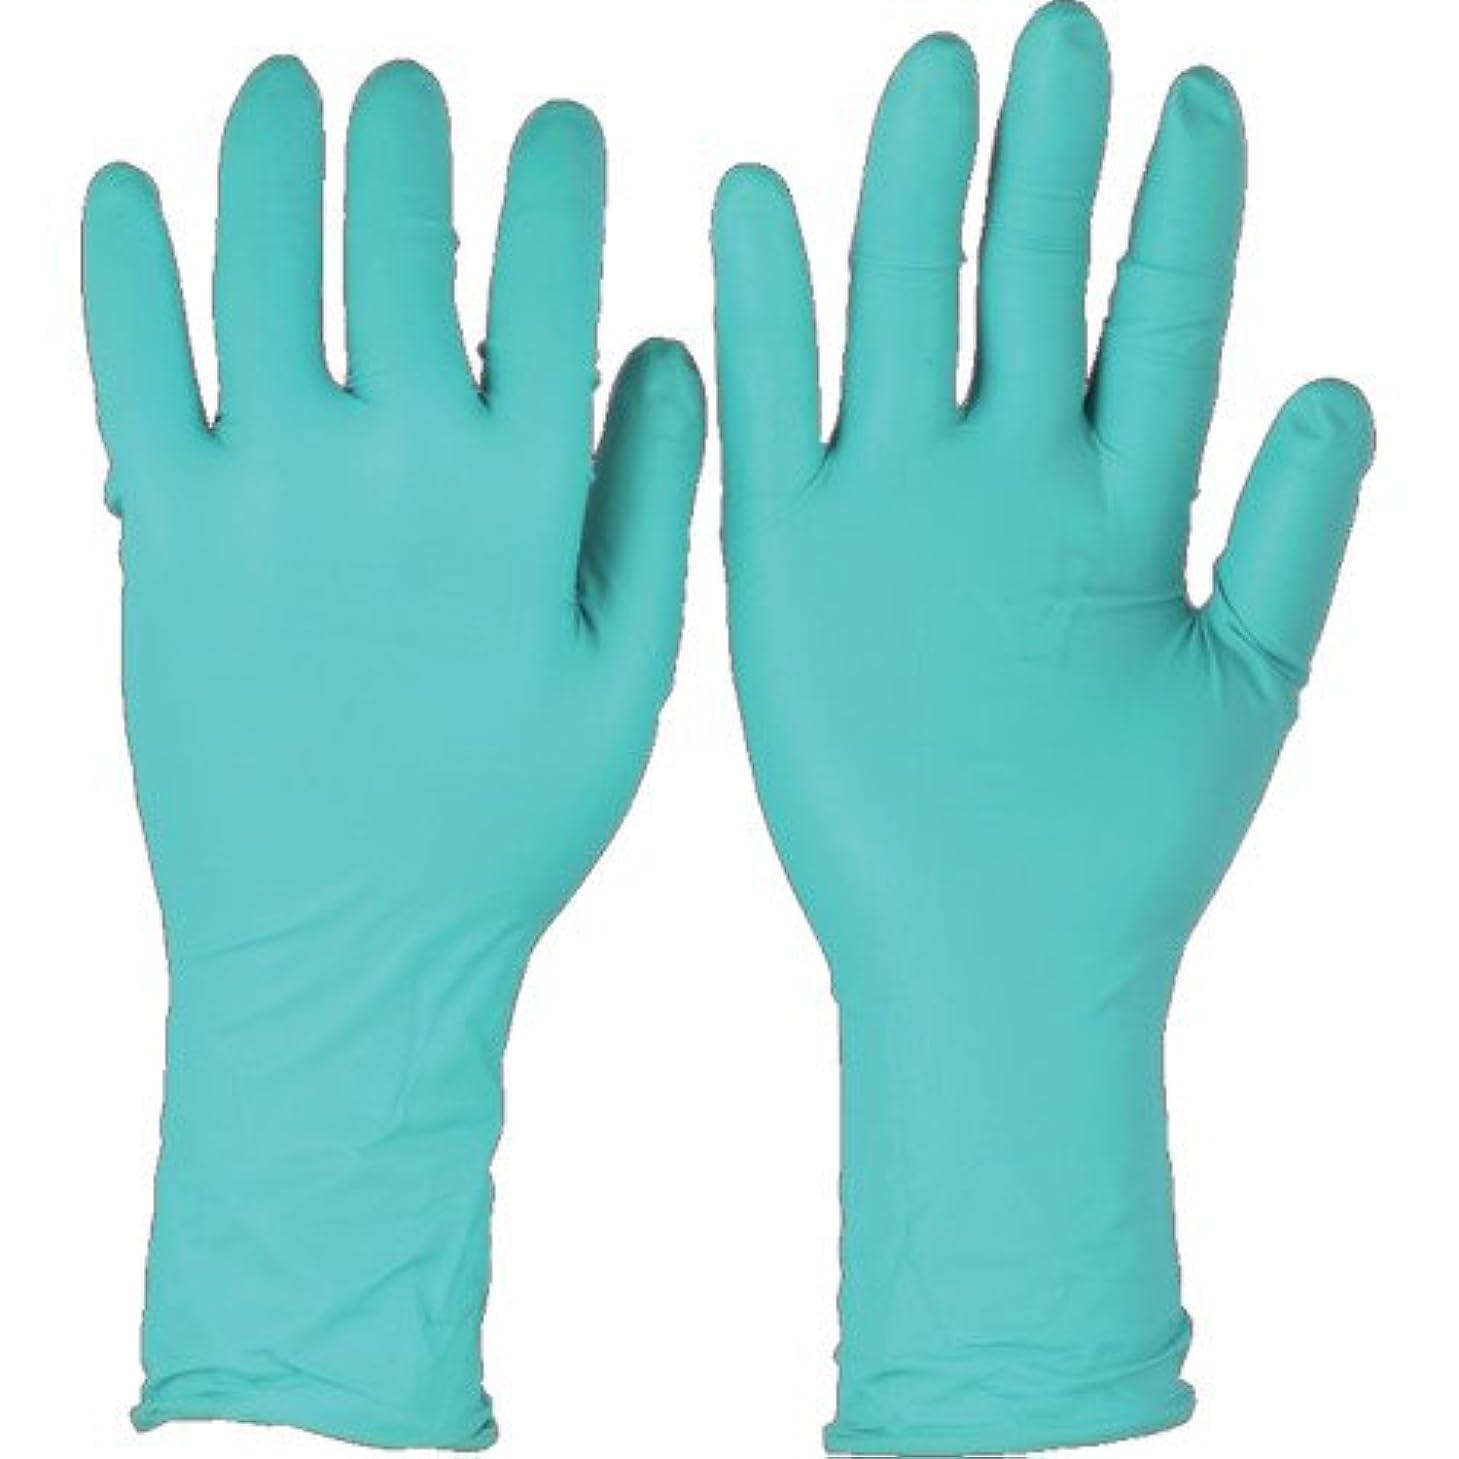 形成ガウン粘液アンセル ネオプレンゴム使い捨て手袋 マイクロフレックスMサイズ 50枚入 93260-8